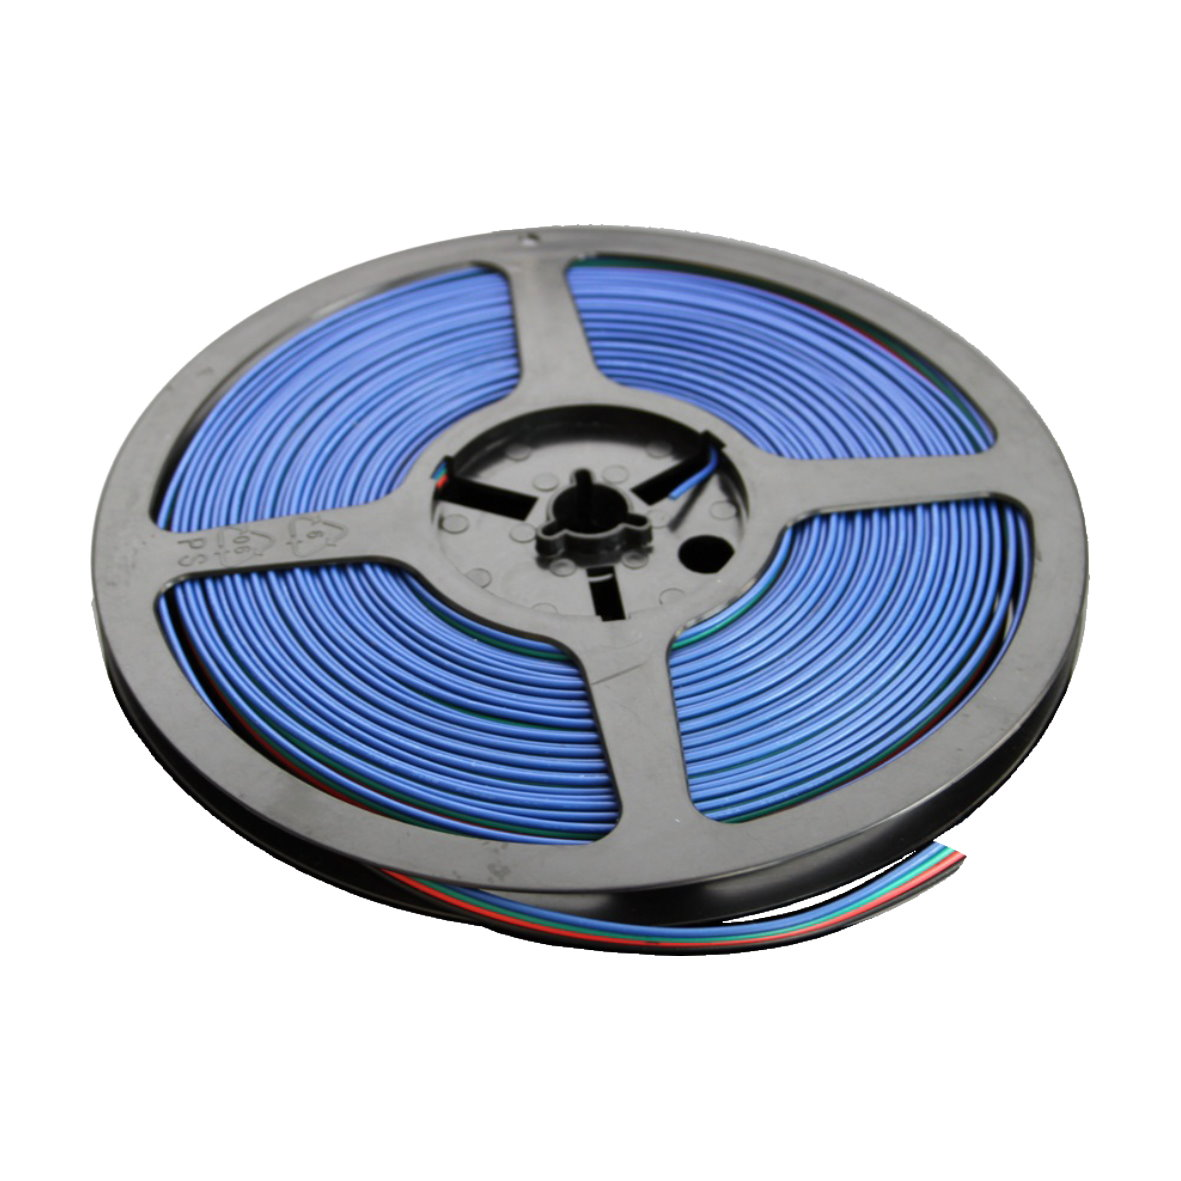 led lichtband strip adapter verbindungskabel kabel anschluss clip streifen rgb ebay. Black Bedroom Furniture Sets. Home Design Ideas